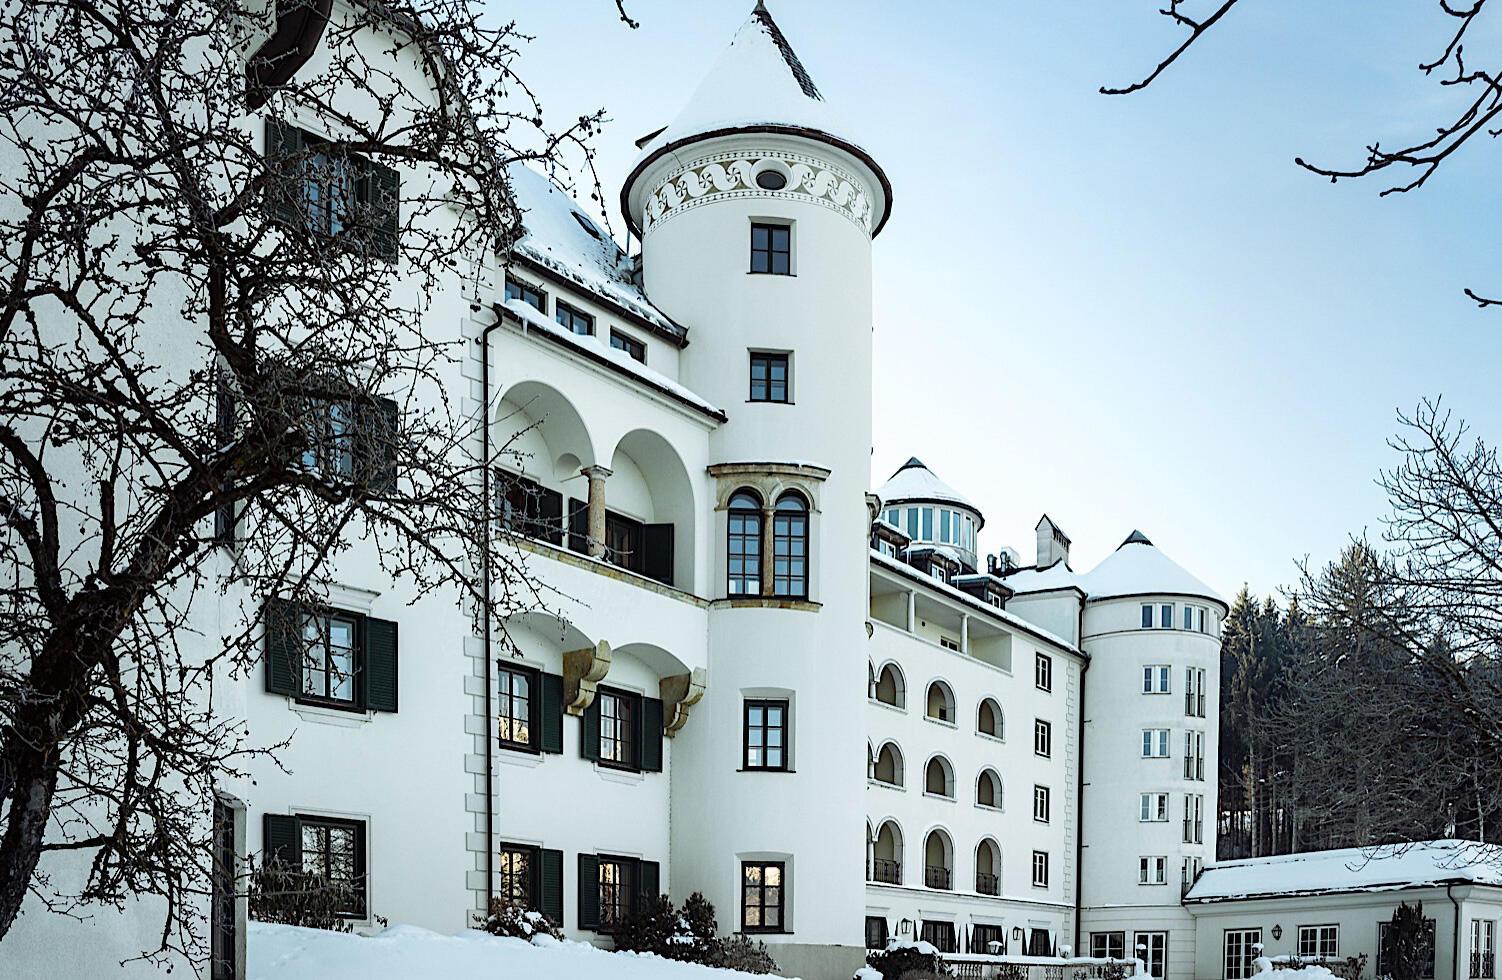 Winterliches Schloss Pichlarn